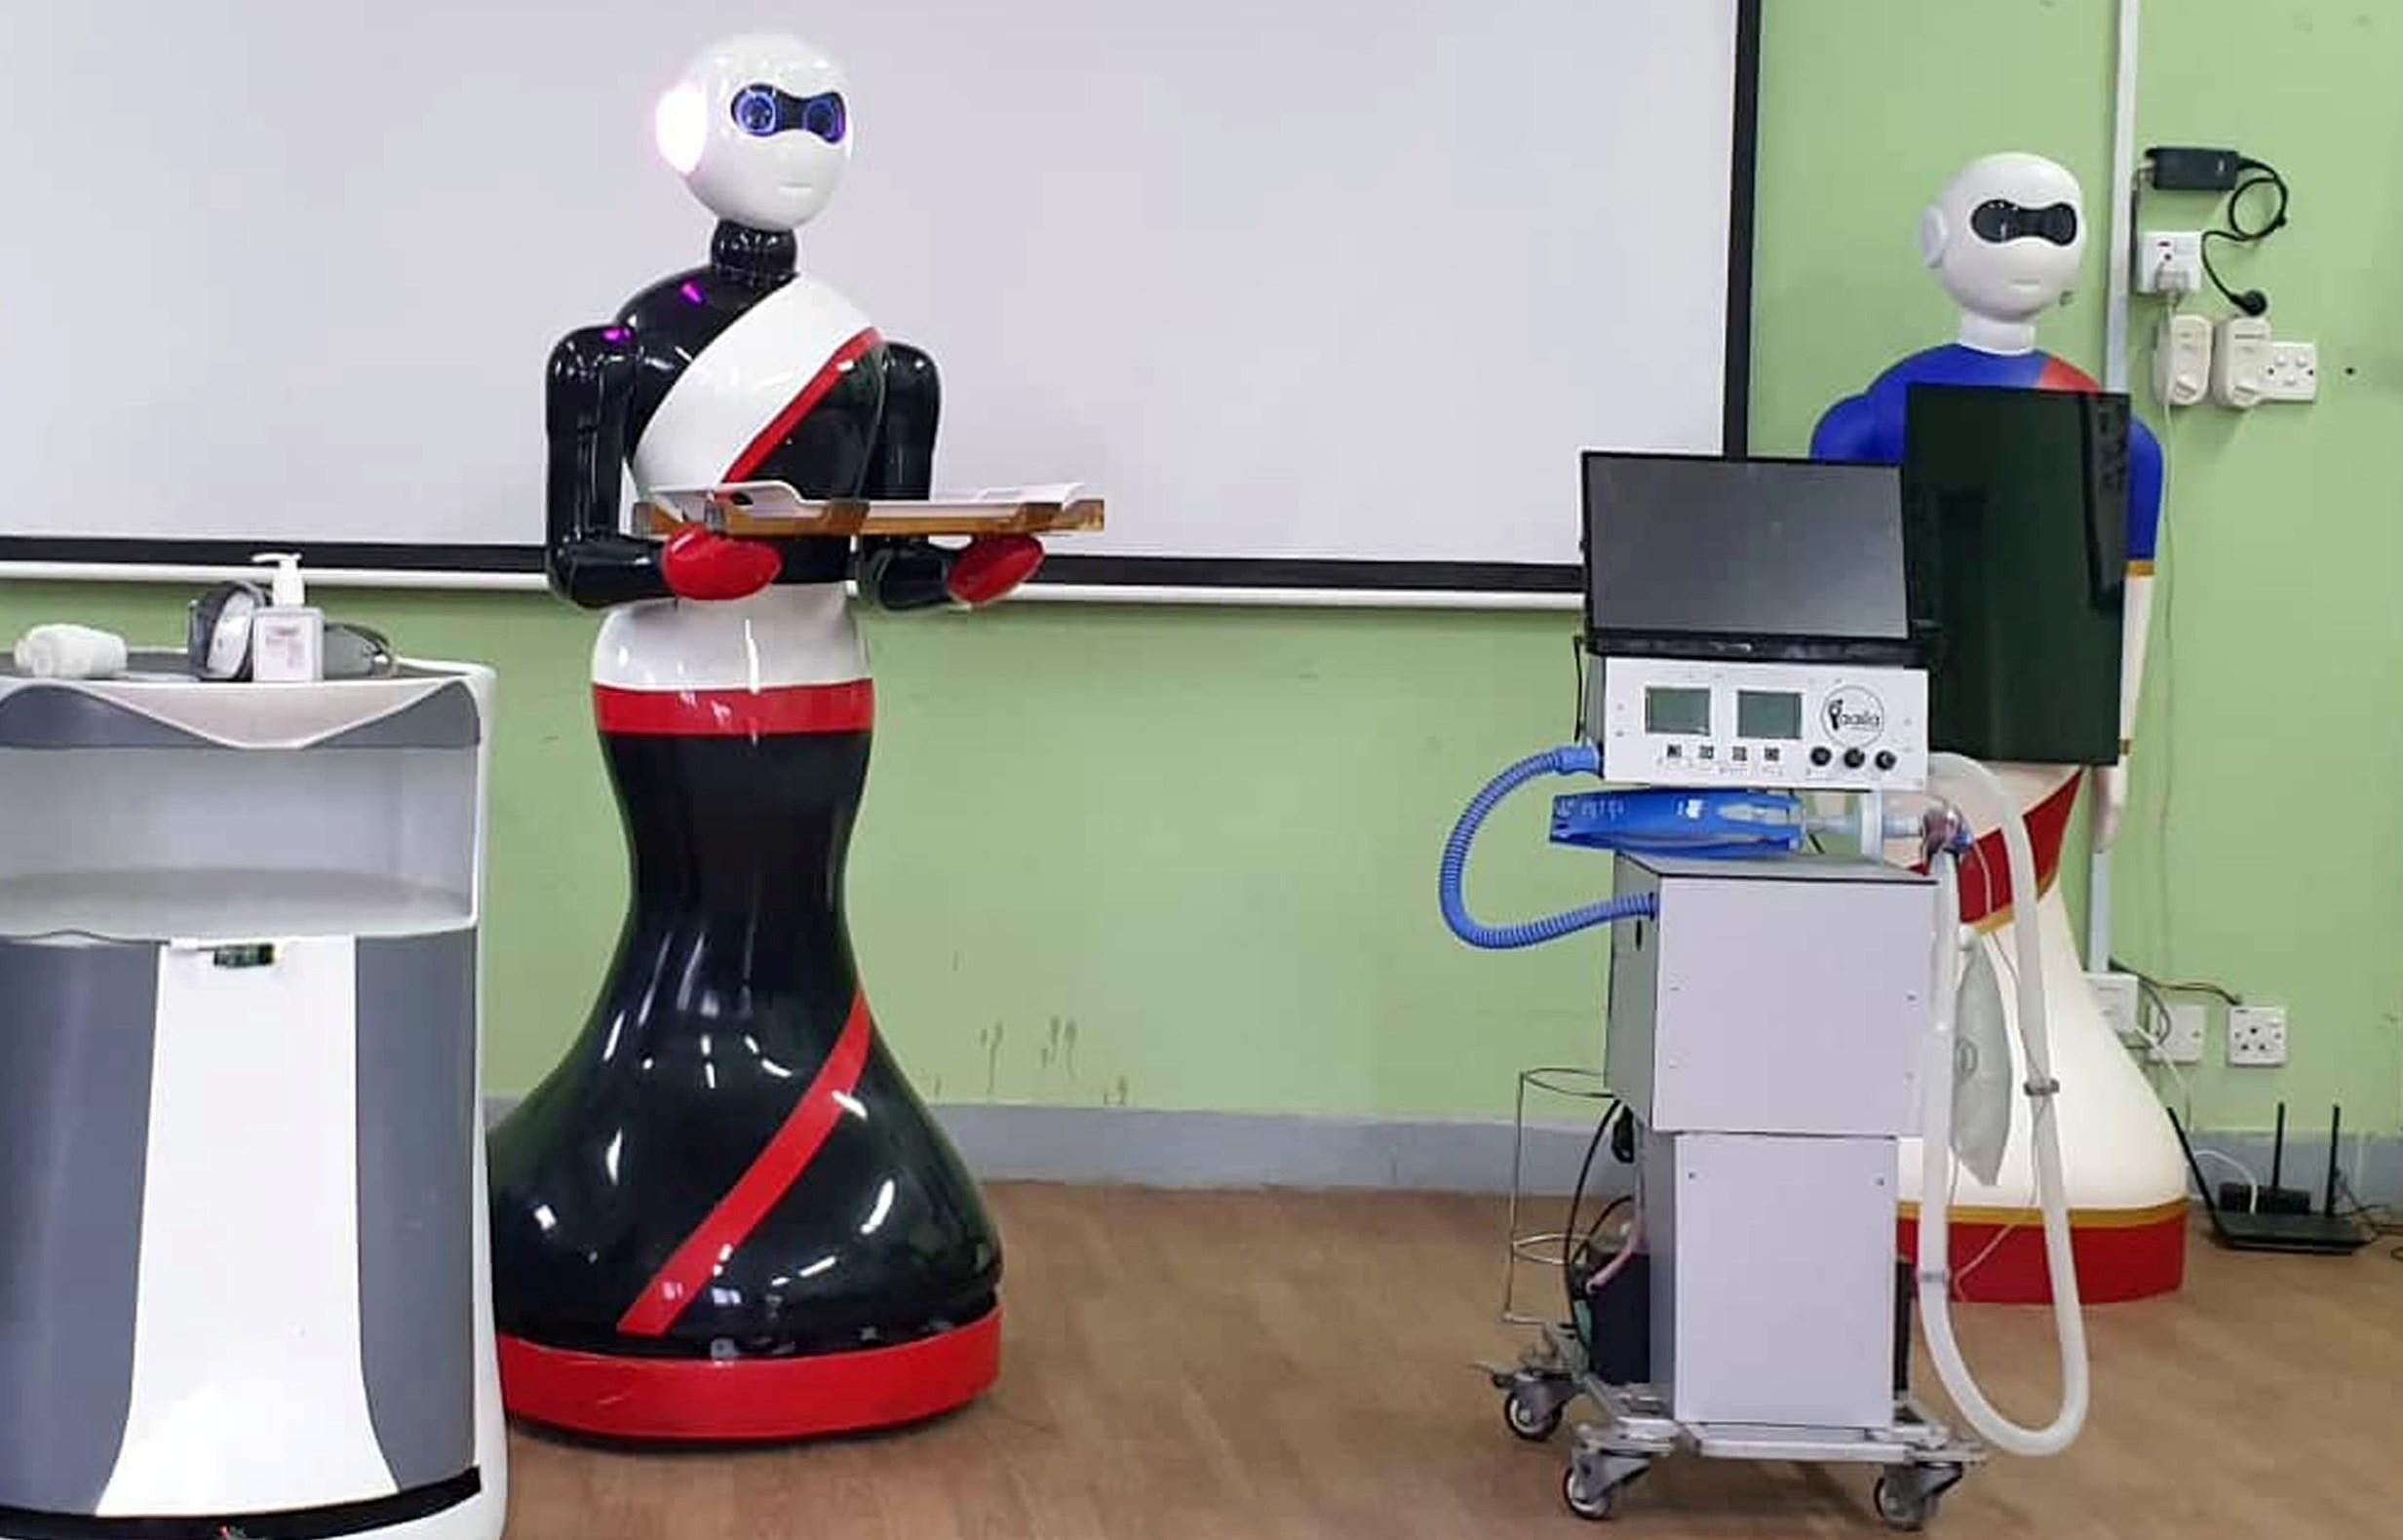 सङ्क्रमितको उपचारमा नर्सिङ रोबोट परिचालन